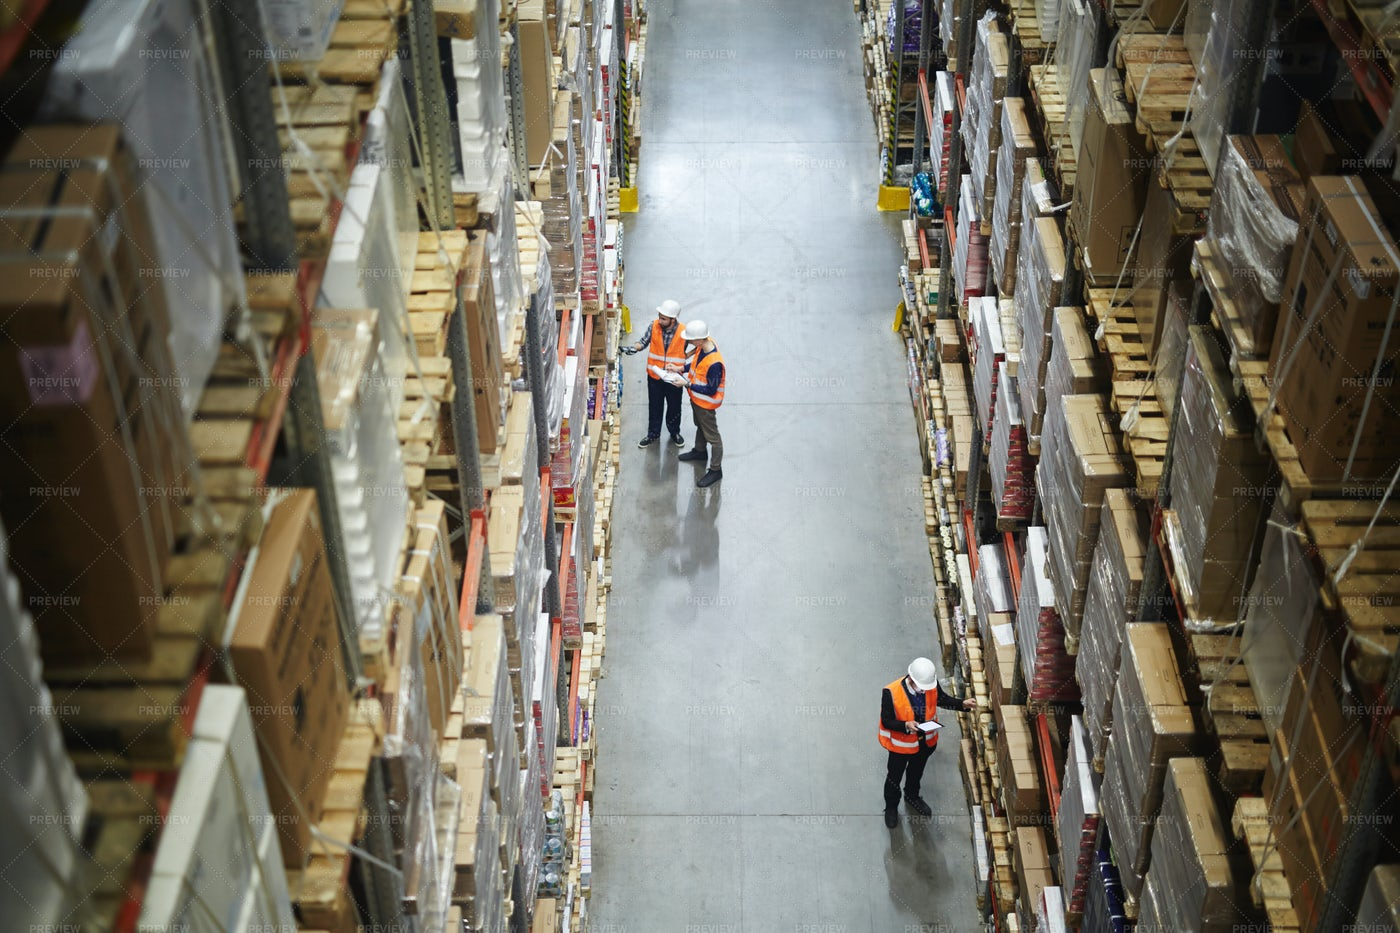 Storehouse Work: Stock Photos